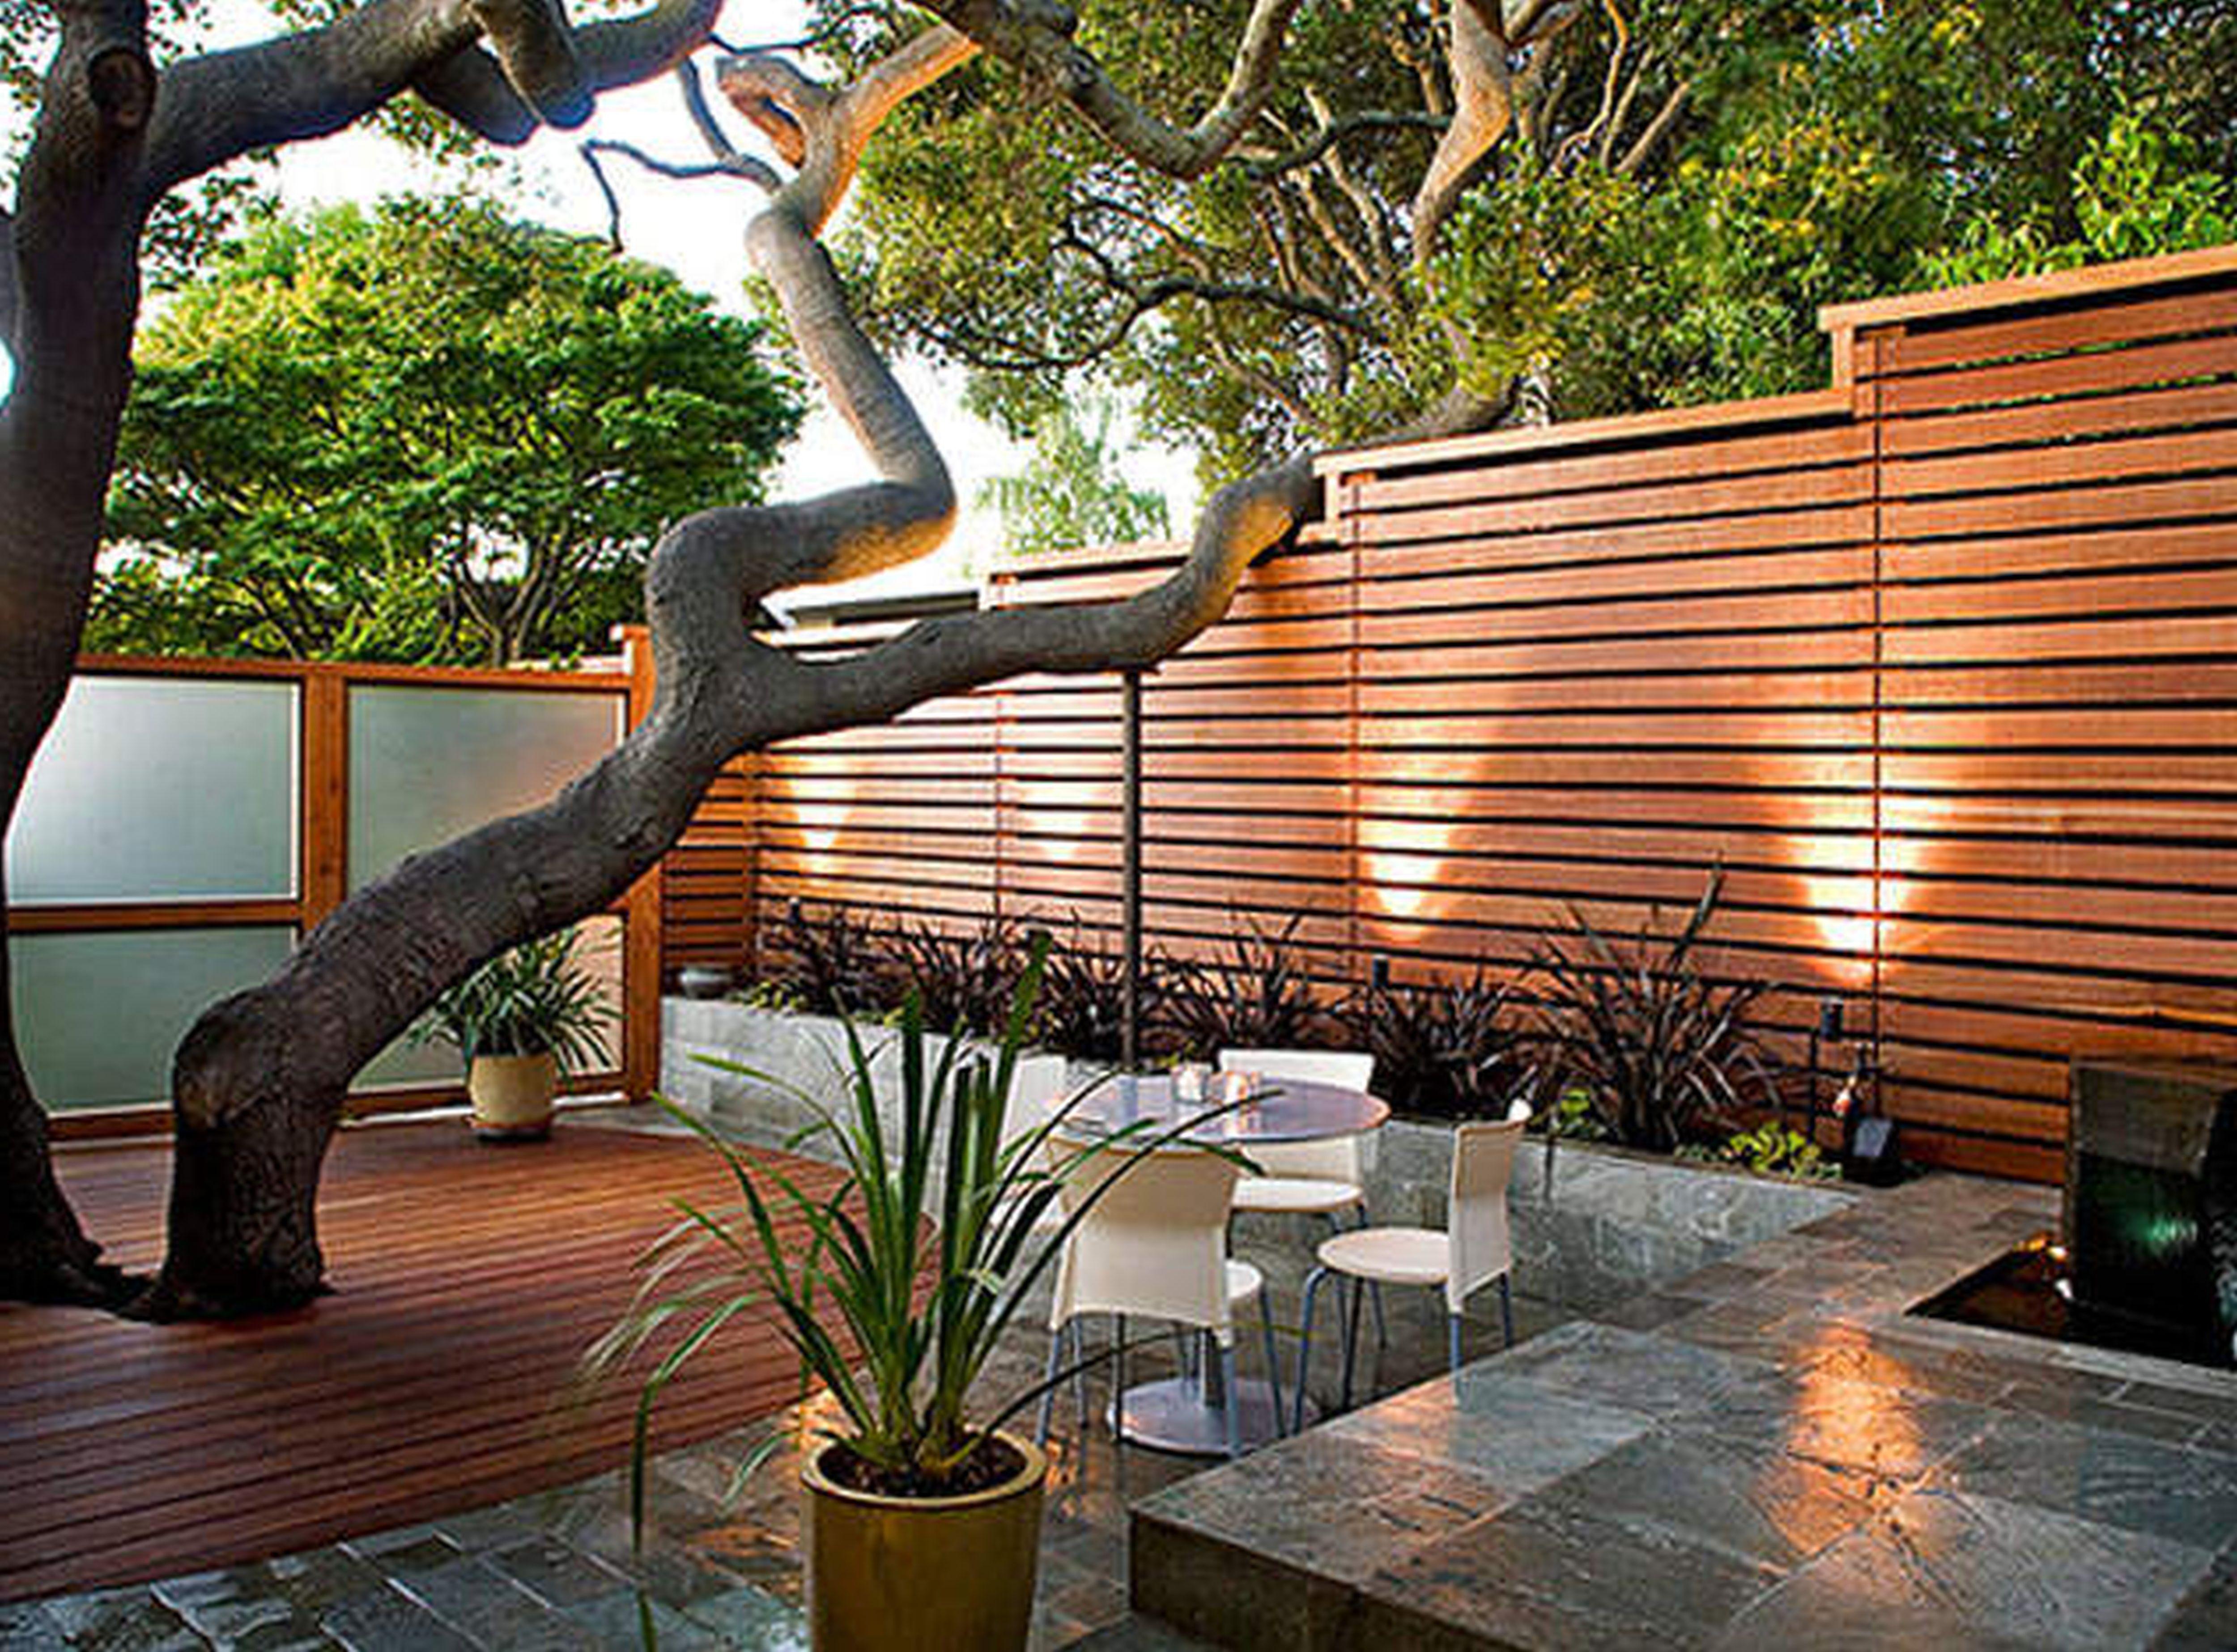 Les 142 Meilleures Images à Propos De Small Garden & Courtyard